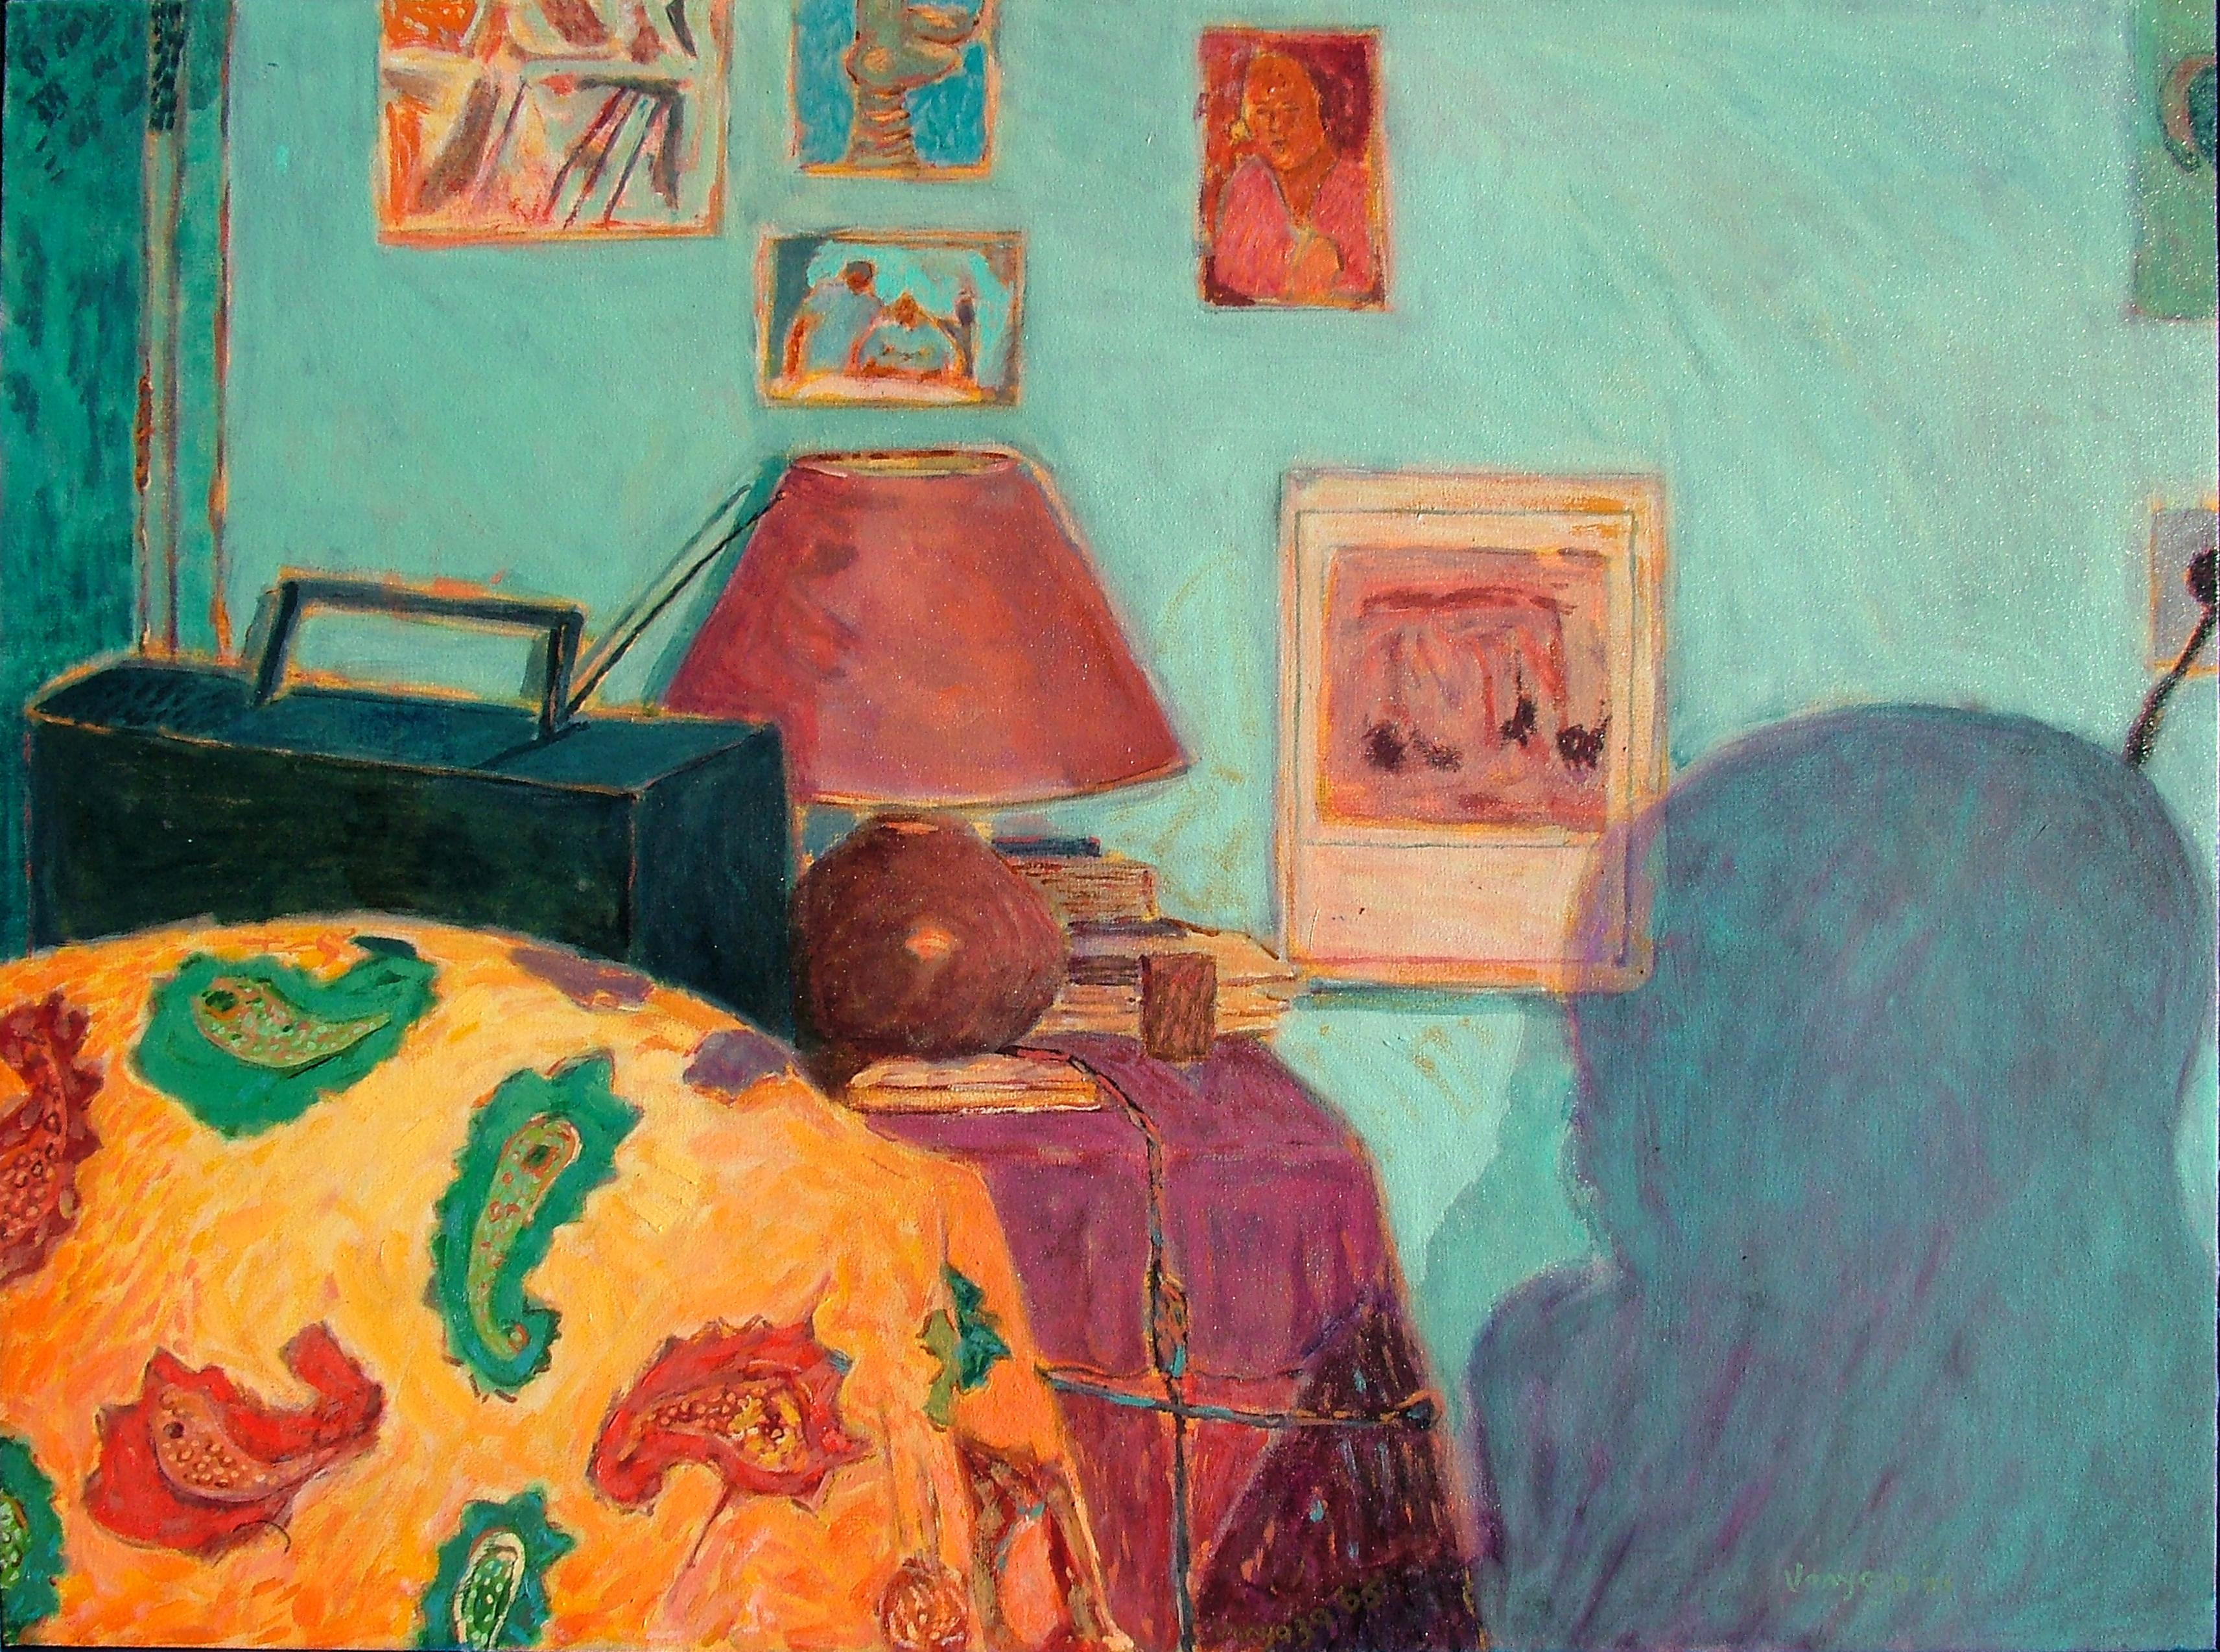 Mandla Vanyaza - In his room [Sekoto's shadow]